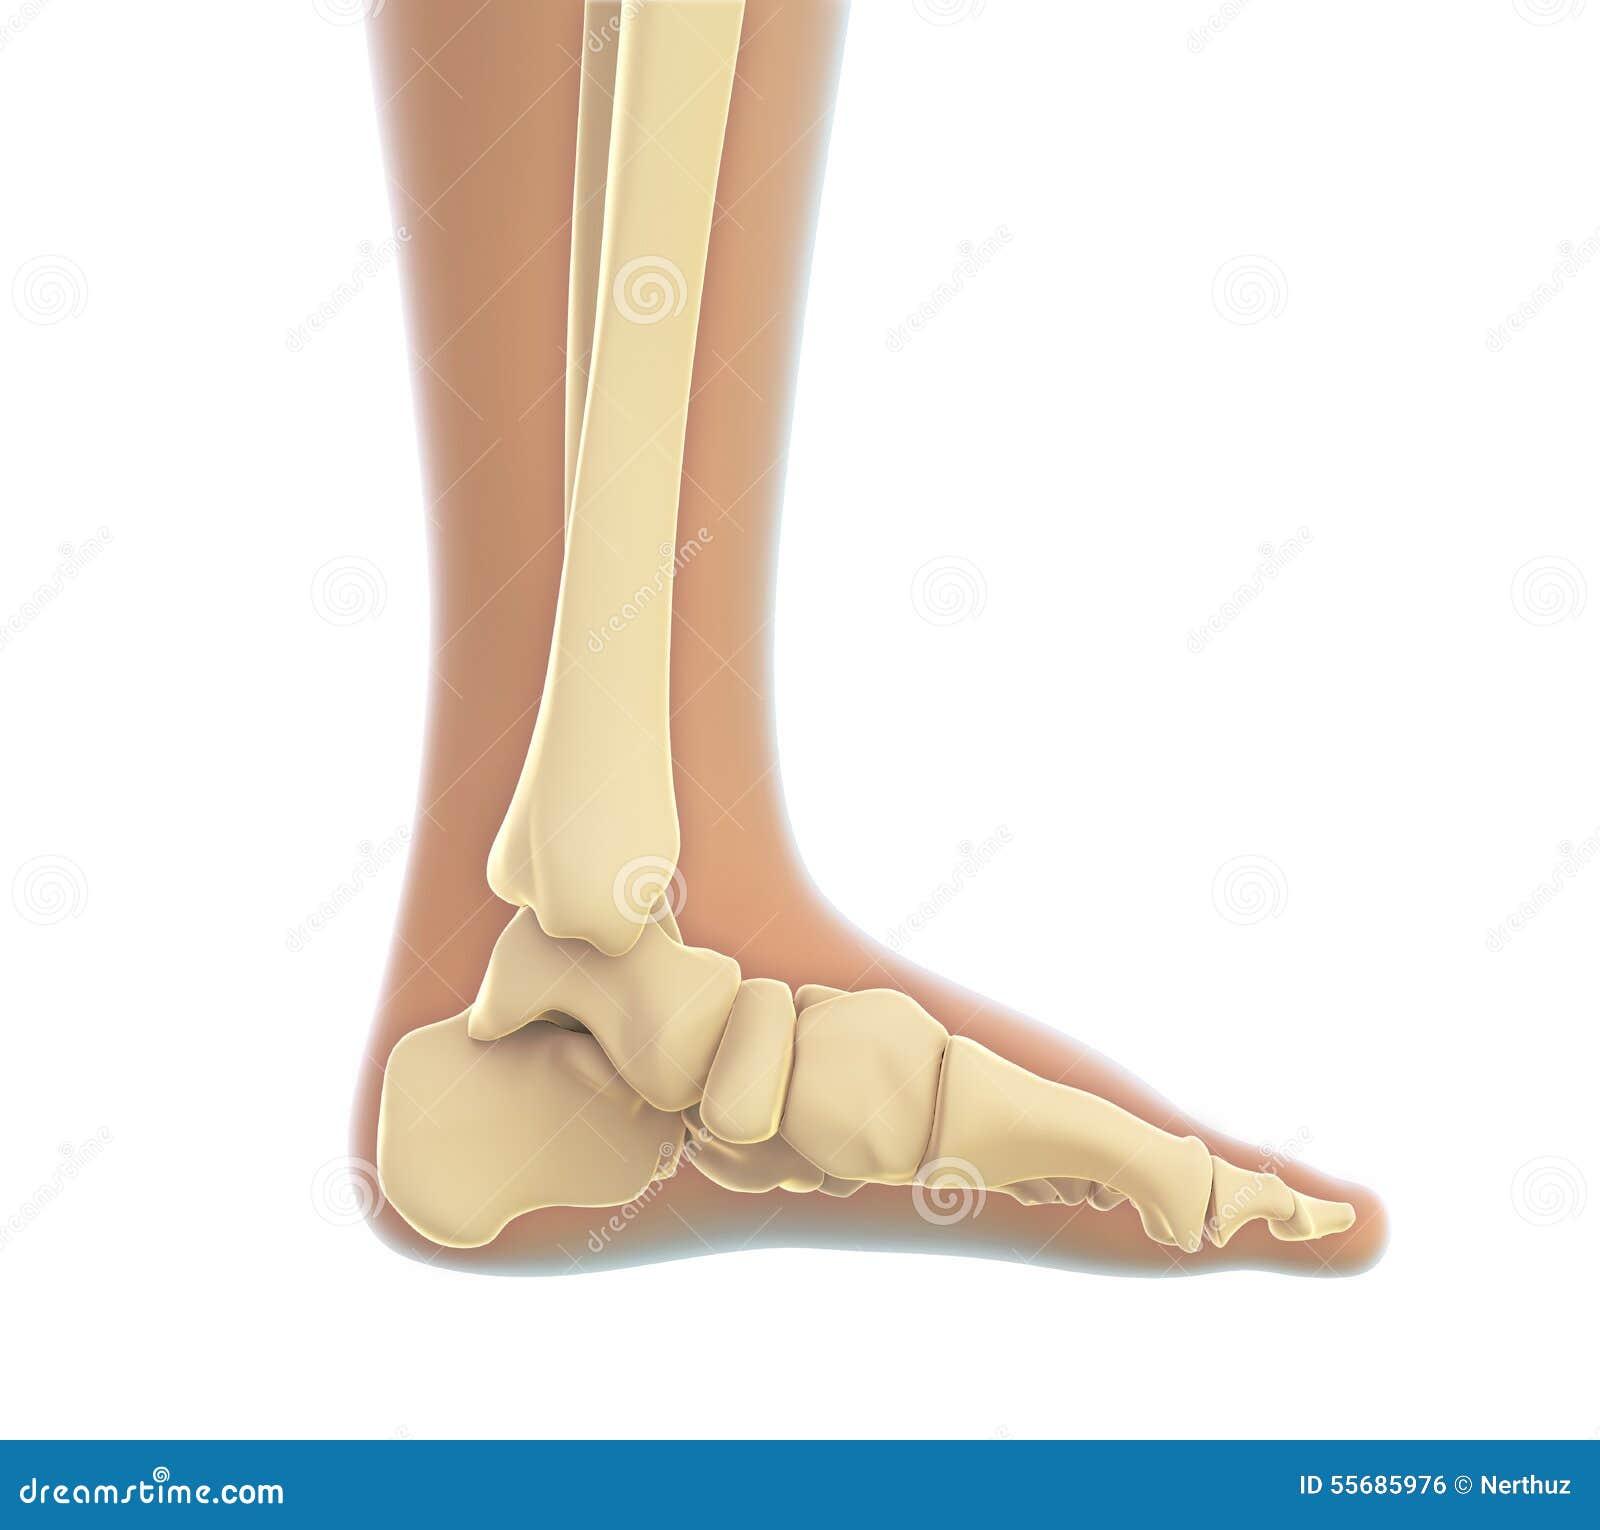 Anatomie Des Menschlichen Fußes Stock Abbildung - Illustration von ...